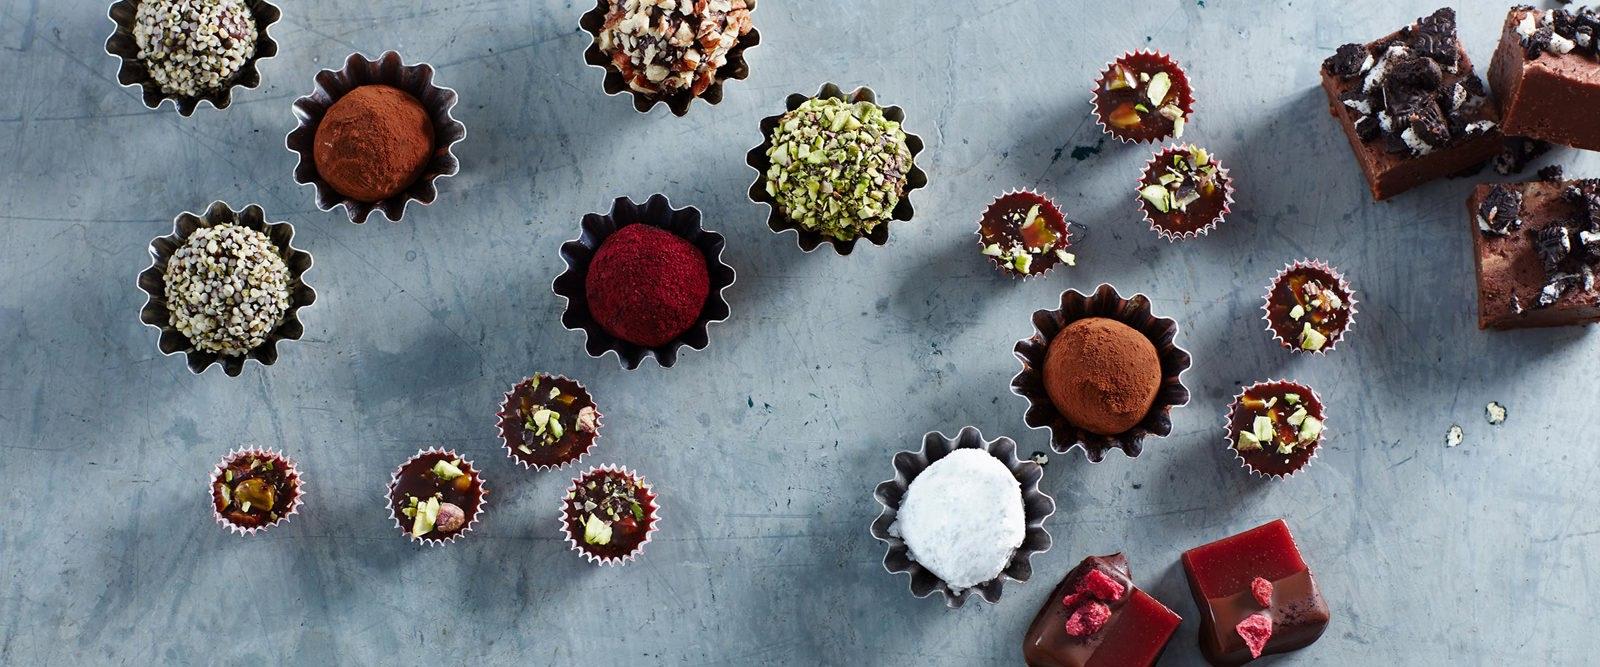 Julgodis med choklad